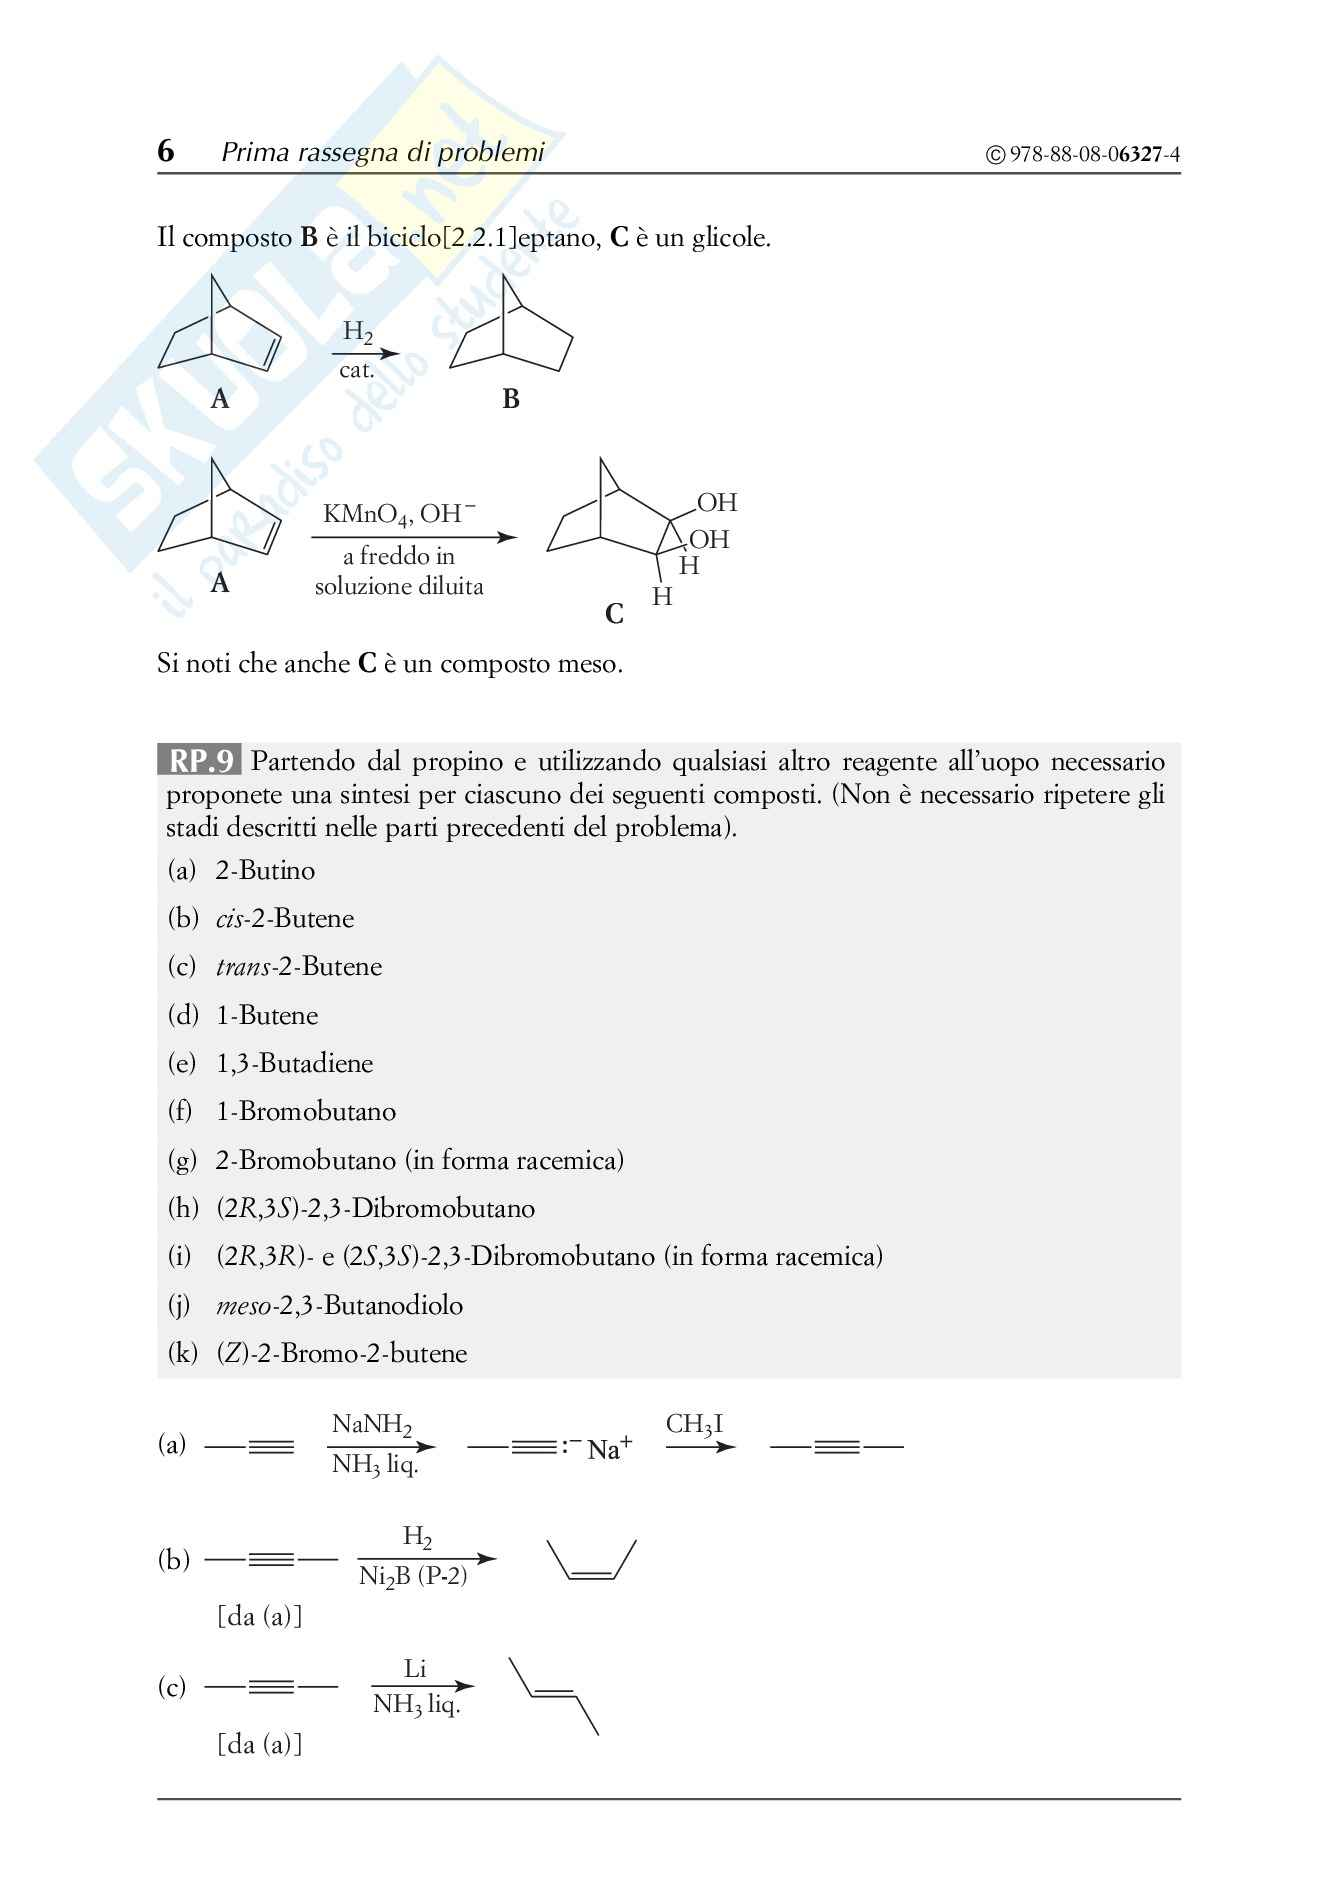 Chimica organica, Solomons - Esercizi prima parte Pag. 6